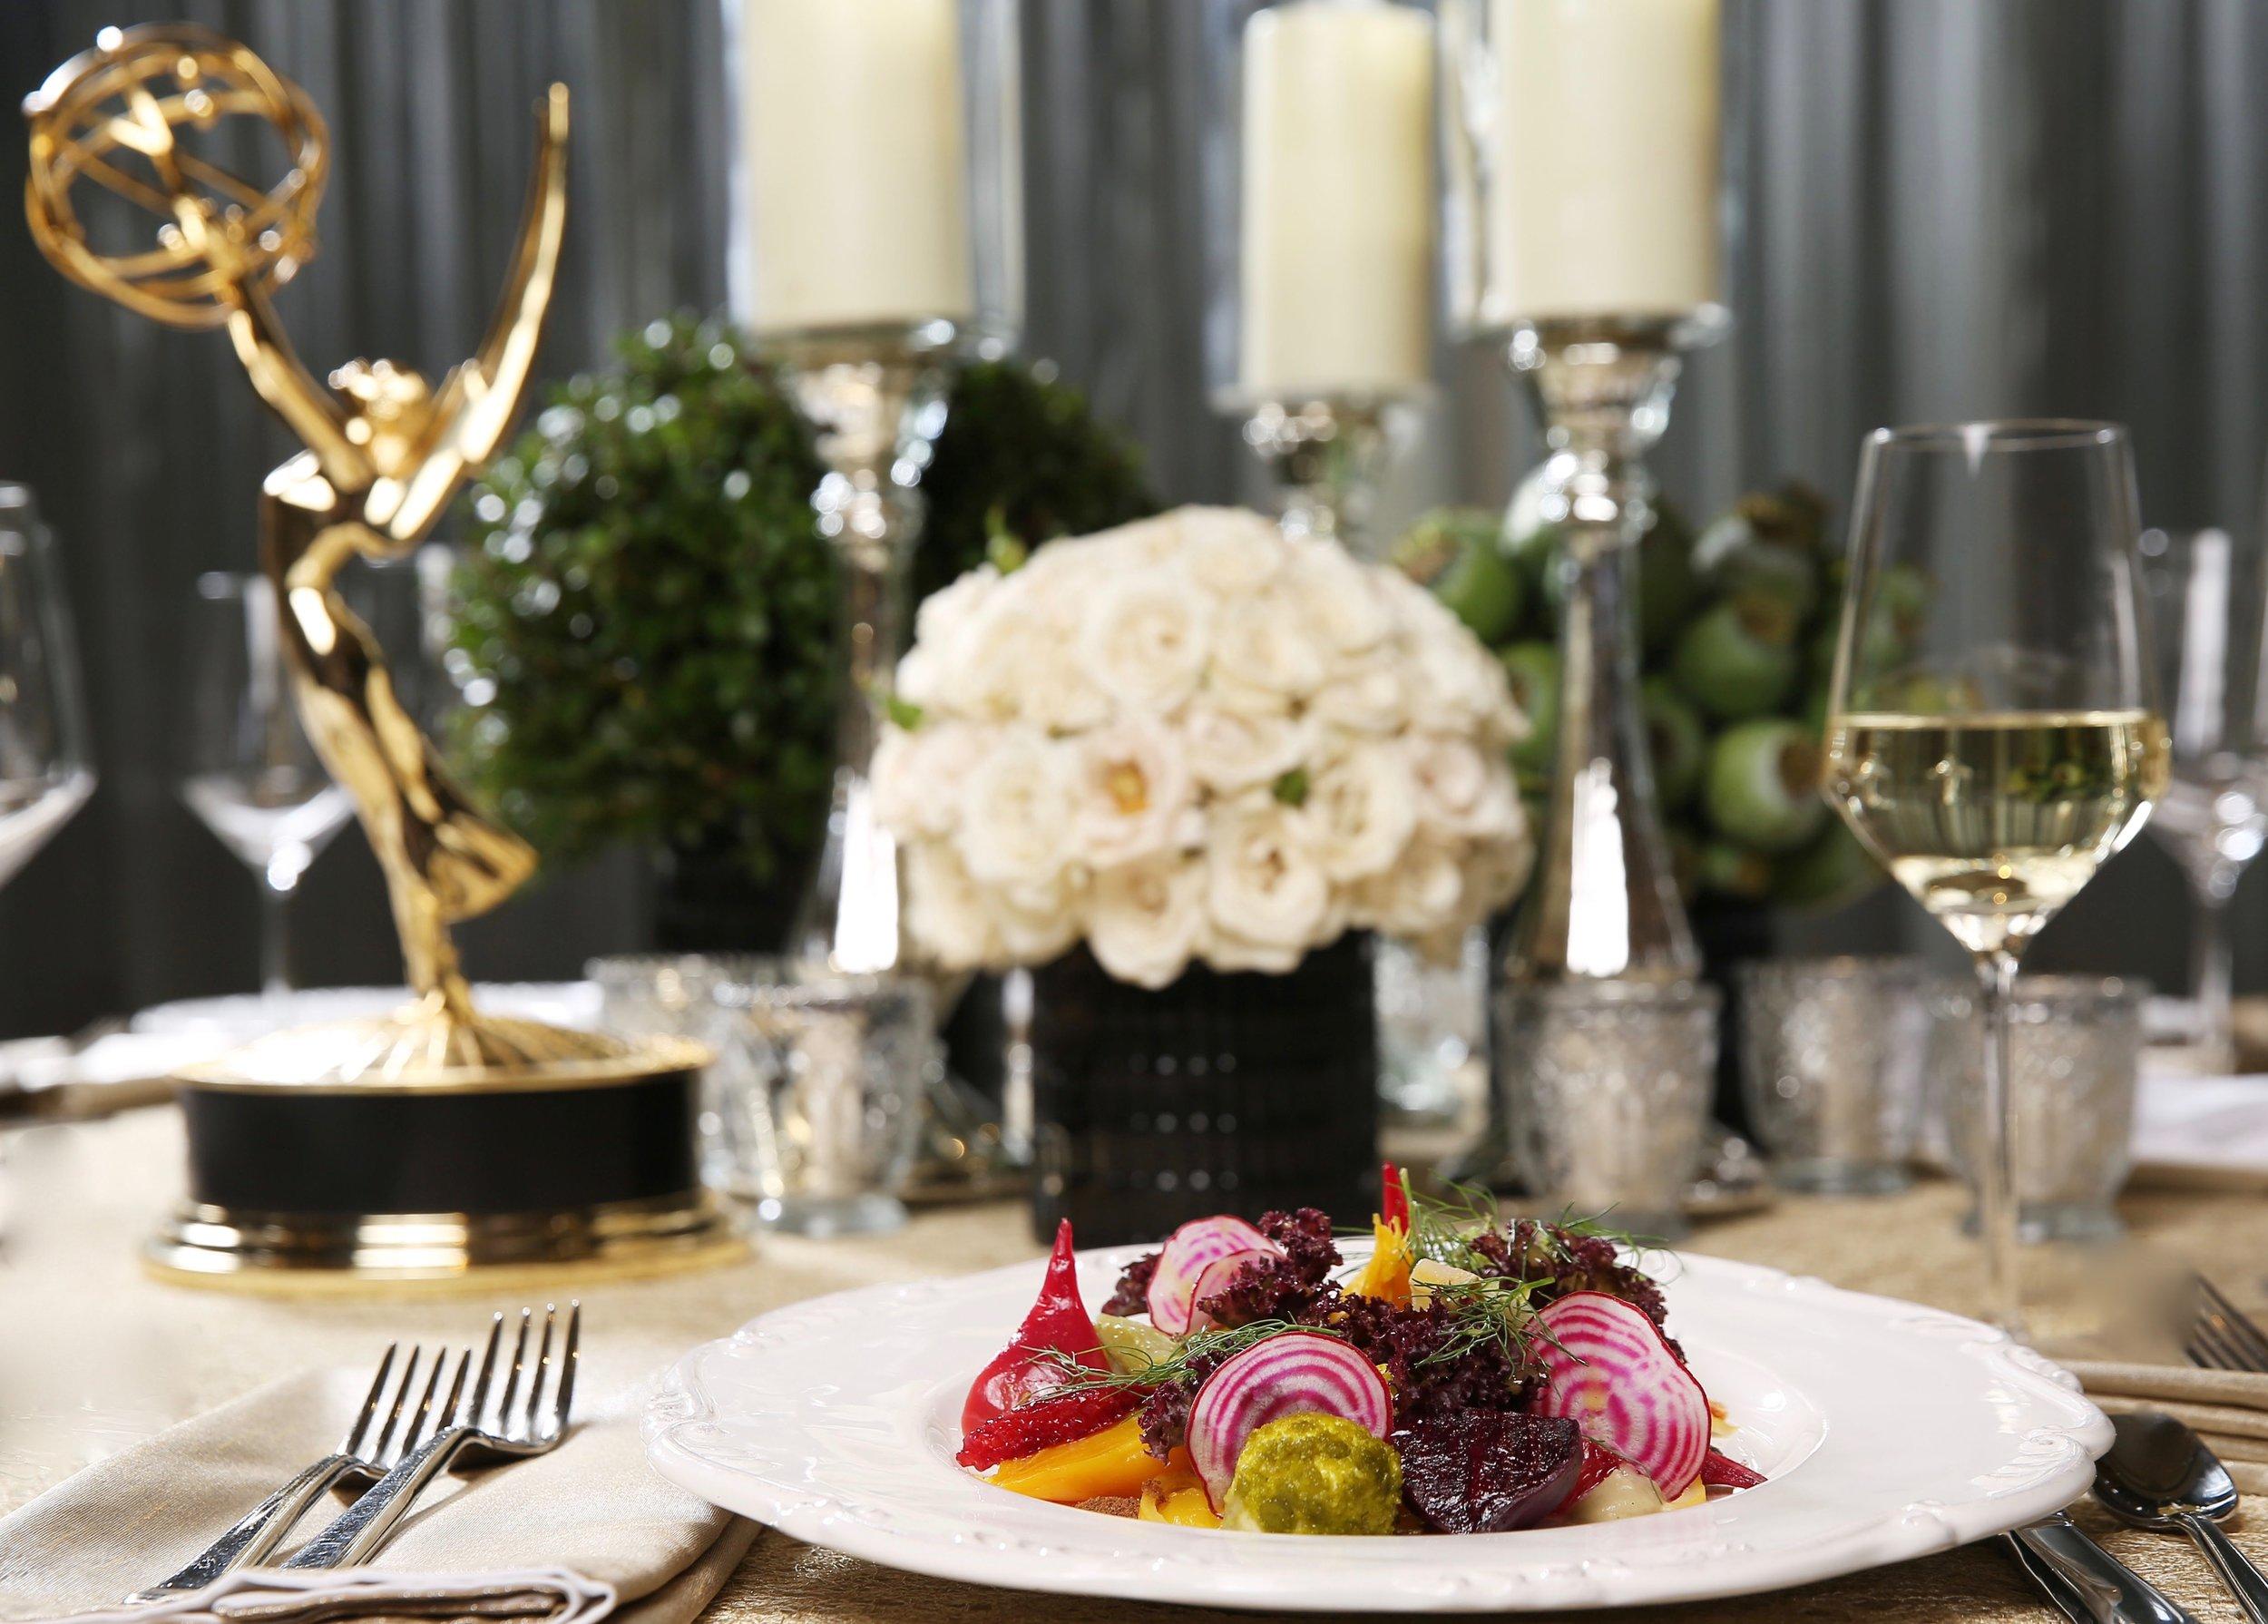 68th Primetime Emmy Awards Governor's Ball Menu